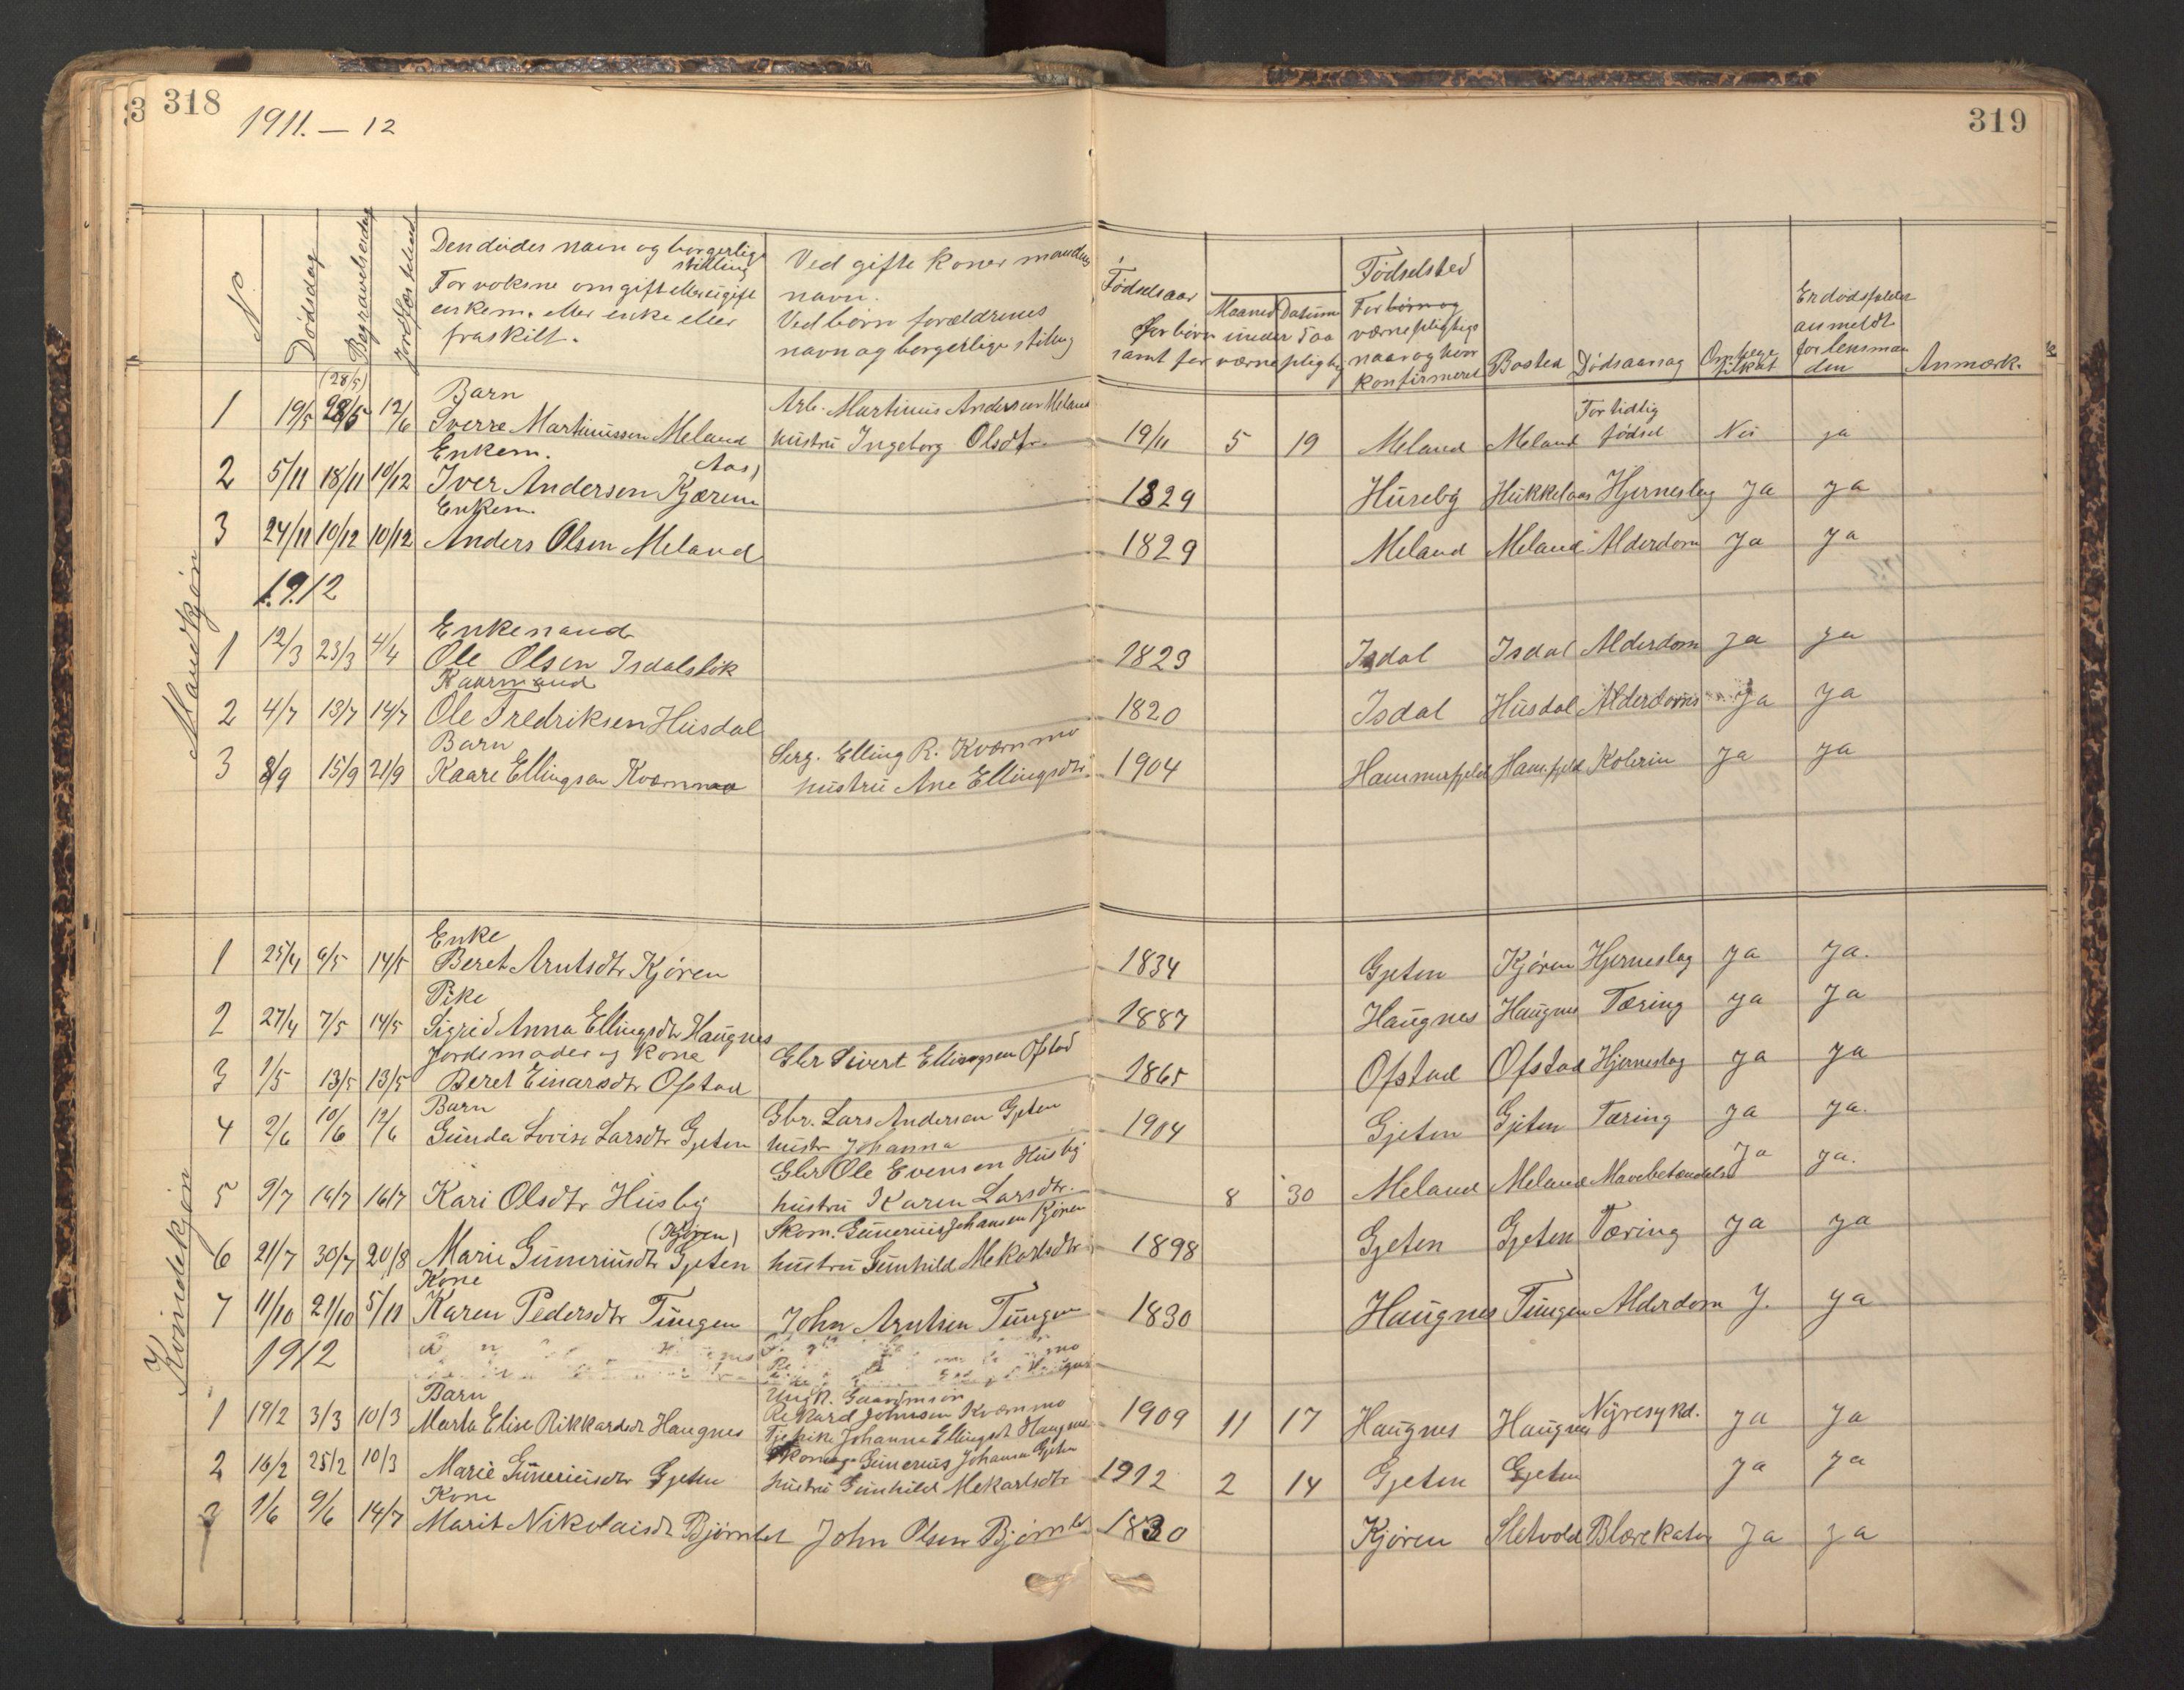 SAT, Ministerialprotokoller, klokkerbøker og fødselsregistre - Sør-Trøndelag, 670/L0837: Klokkerbok nr. 670C01, 1905-1946, s. 318-319